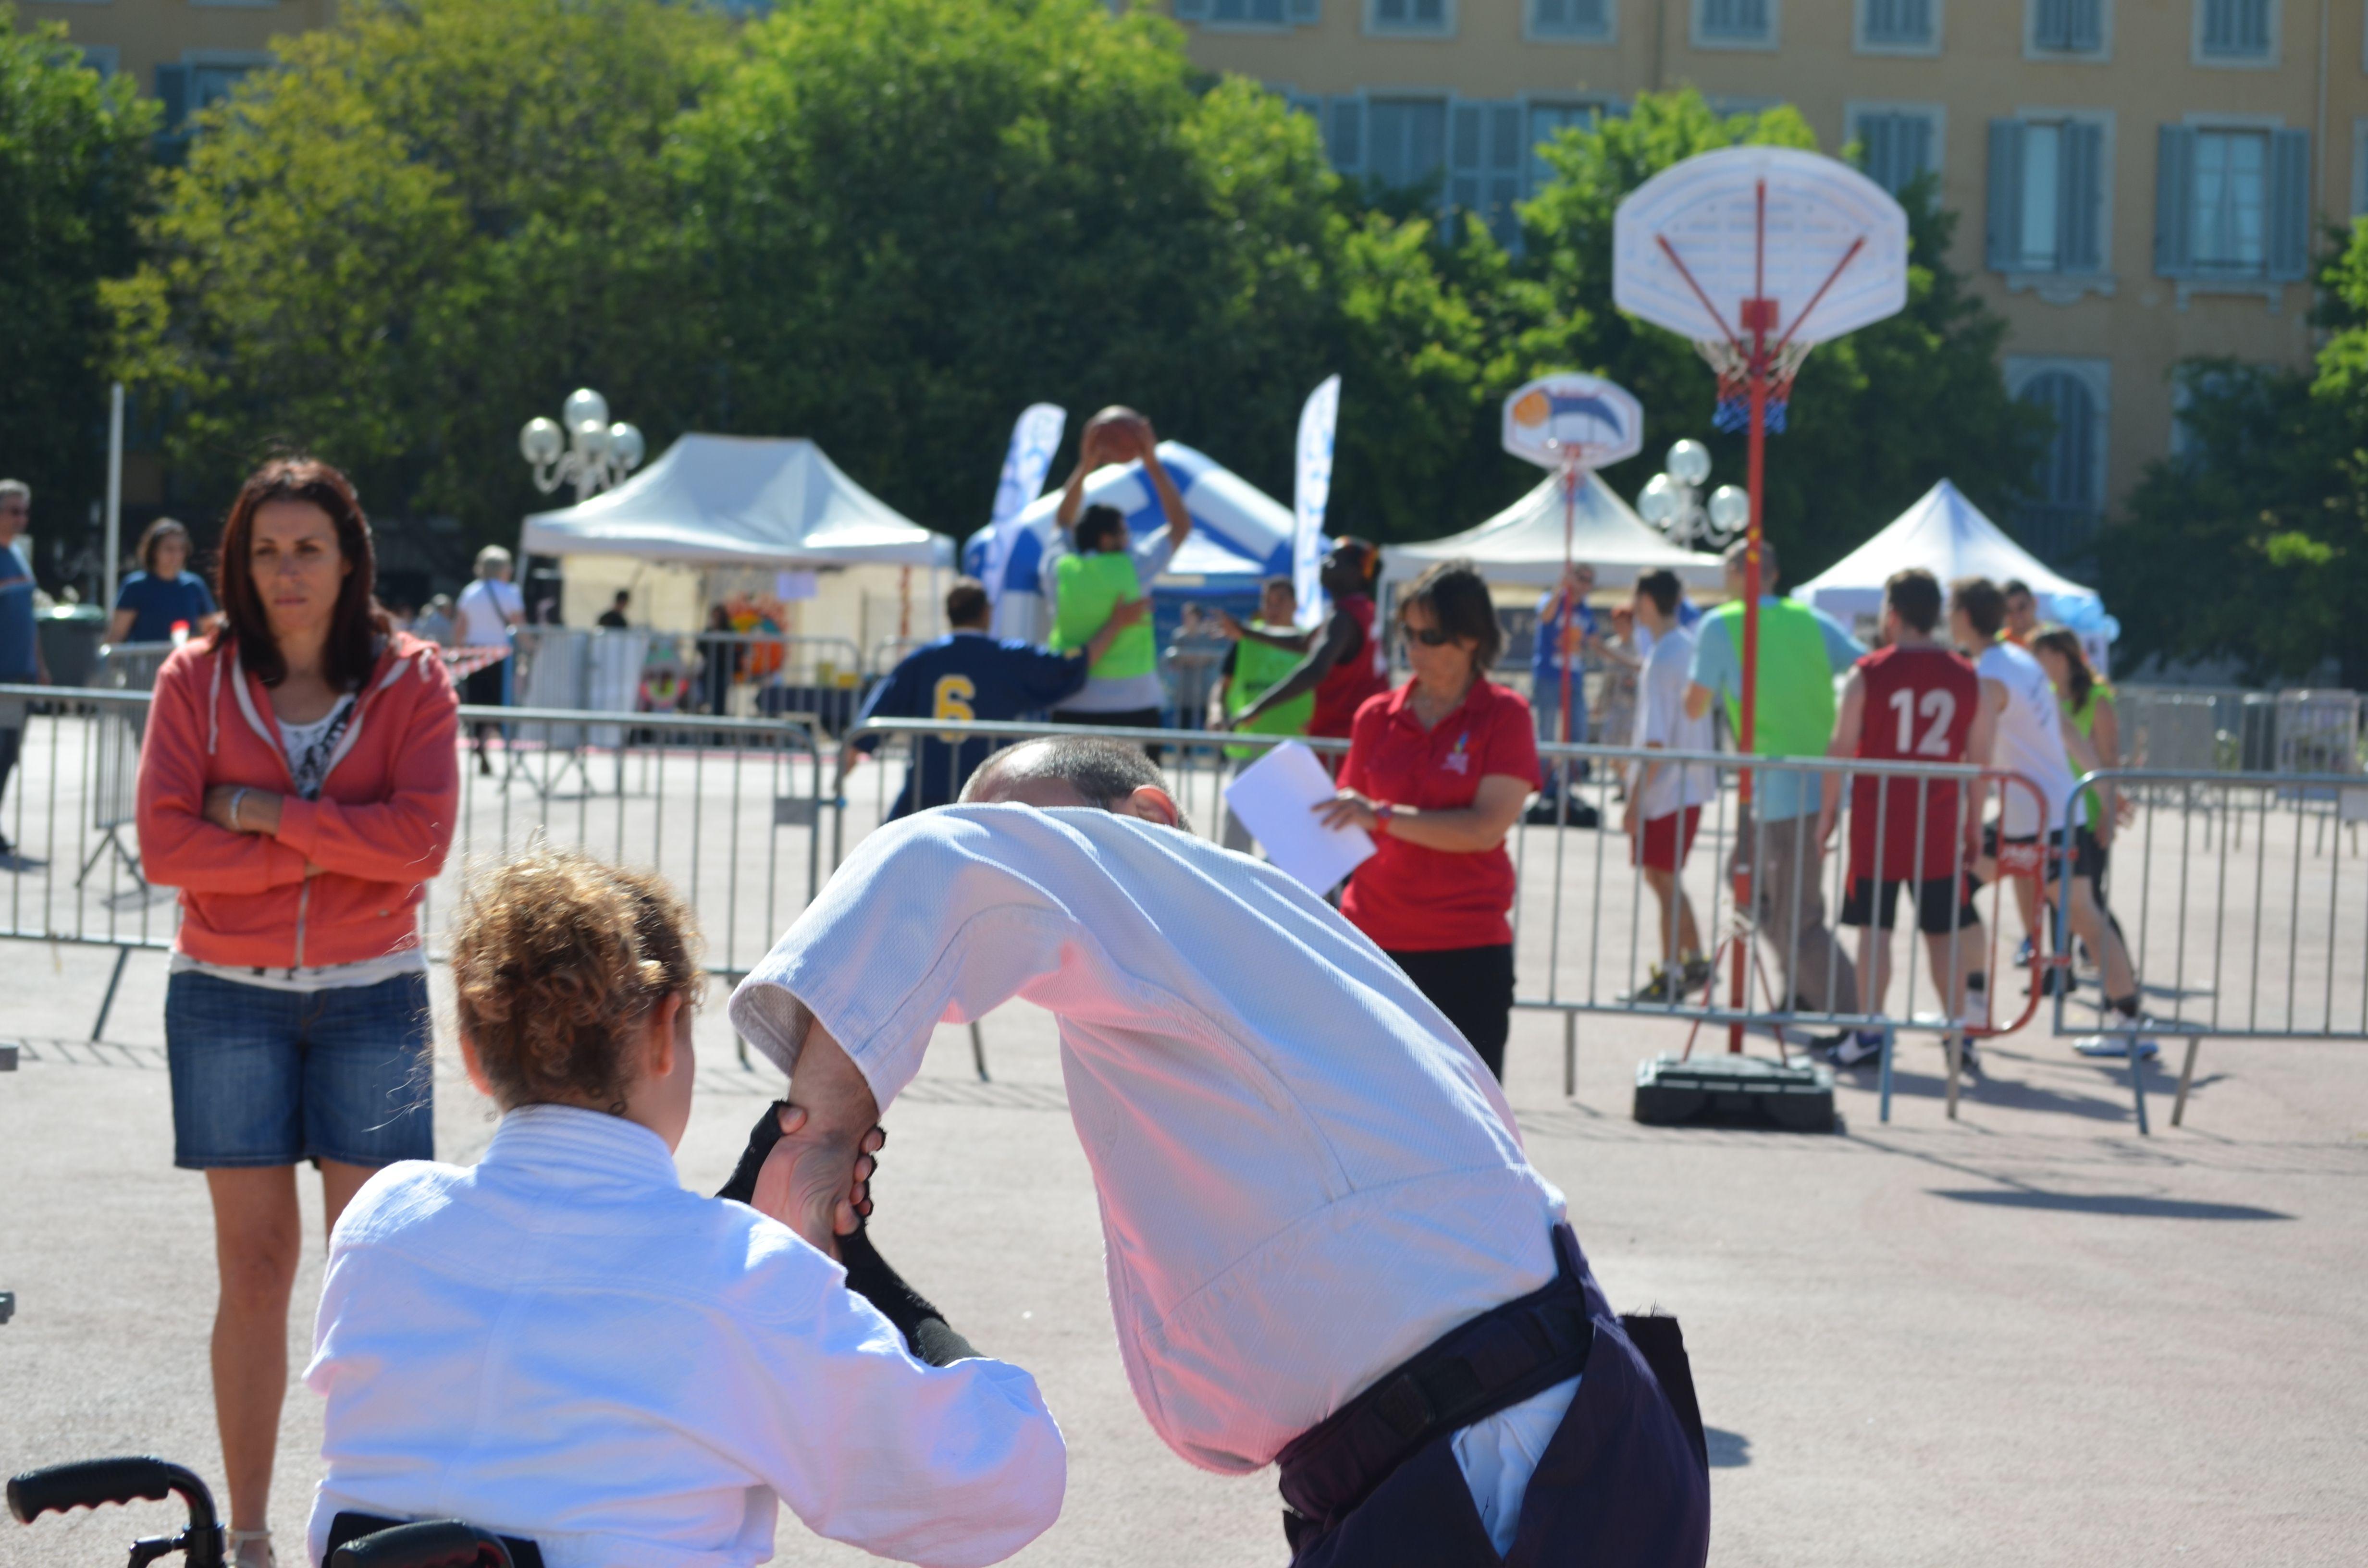 Journée Handisport Passion Partage, place d'Armes à Toulon, le 17 mai 2014. Démo d'Aïkido du matin